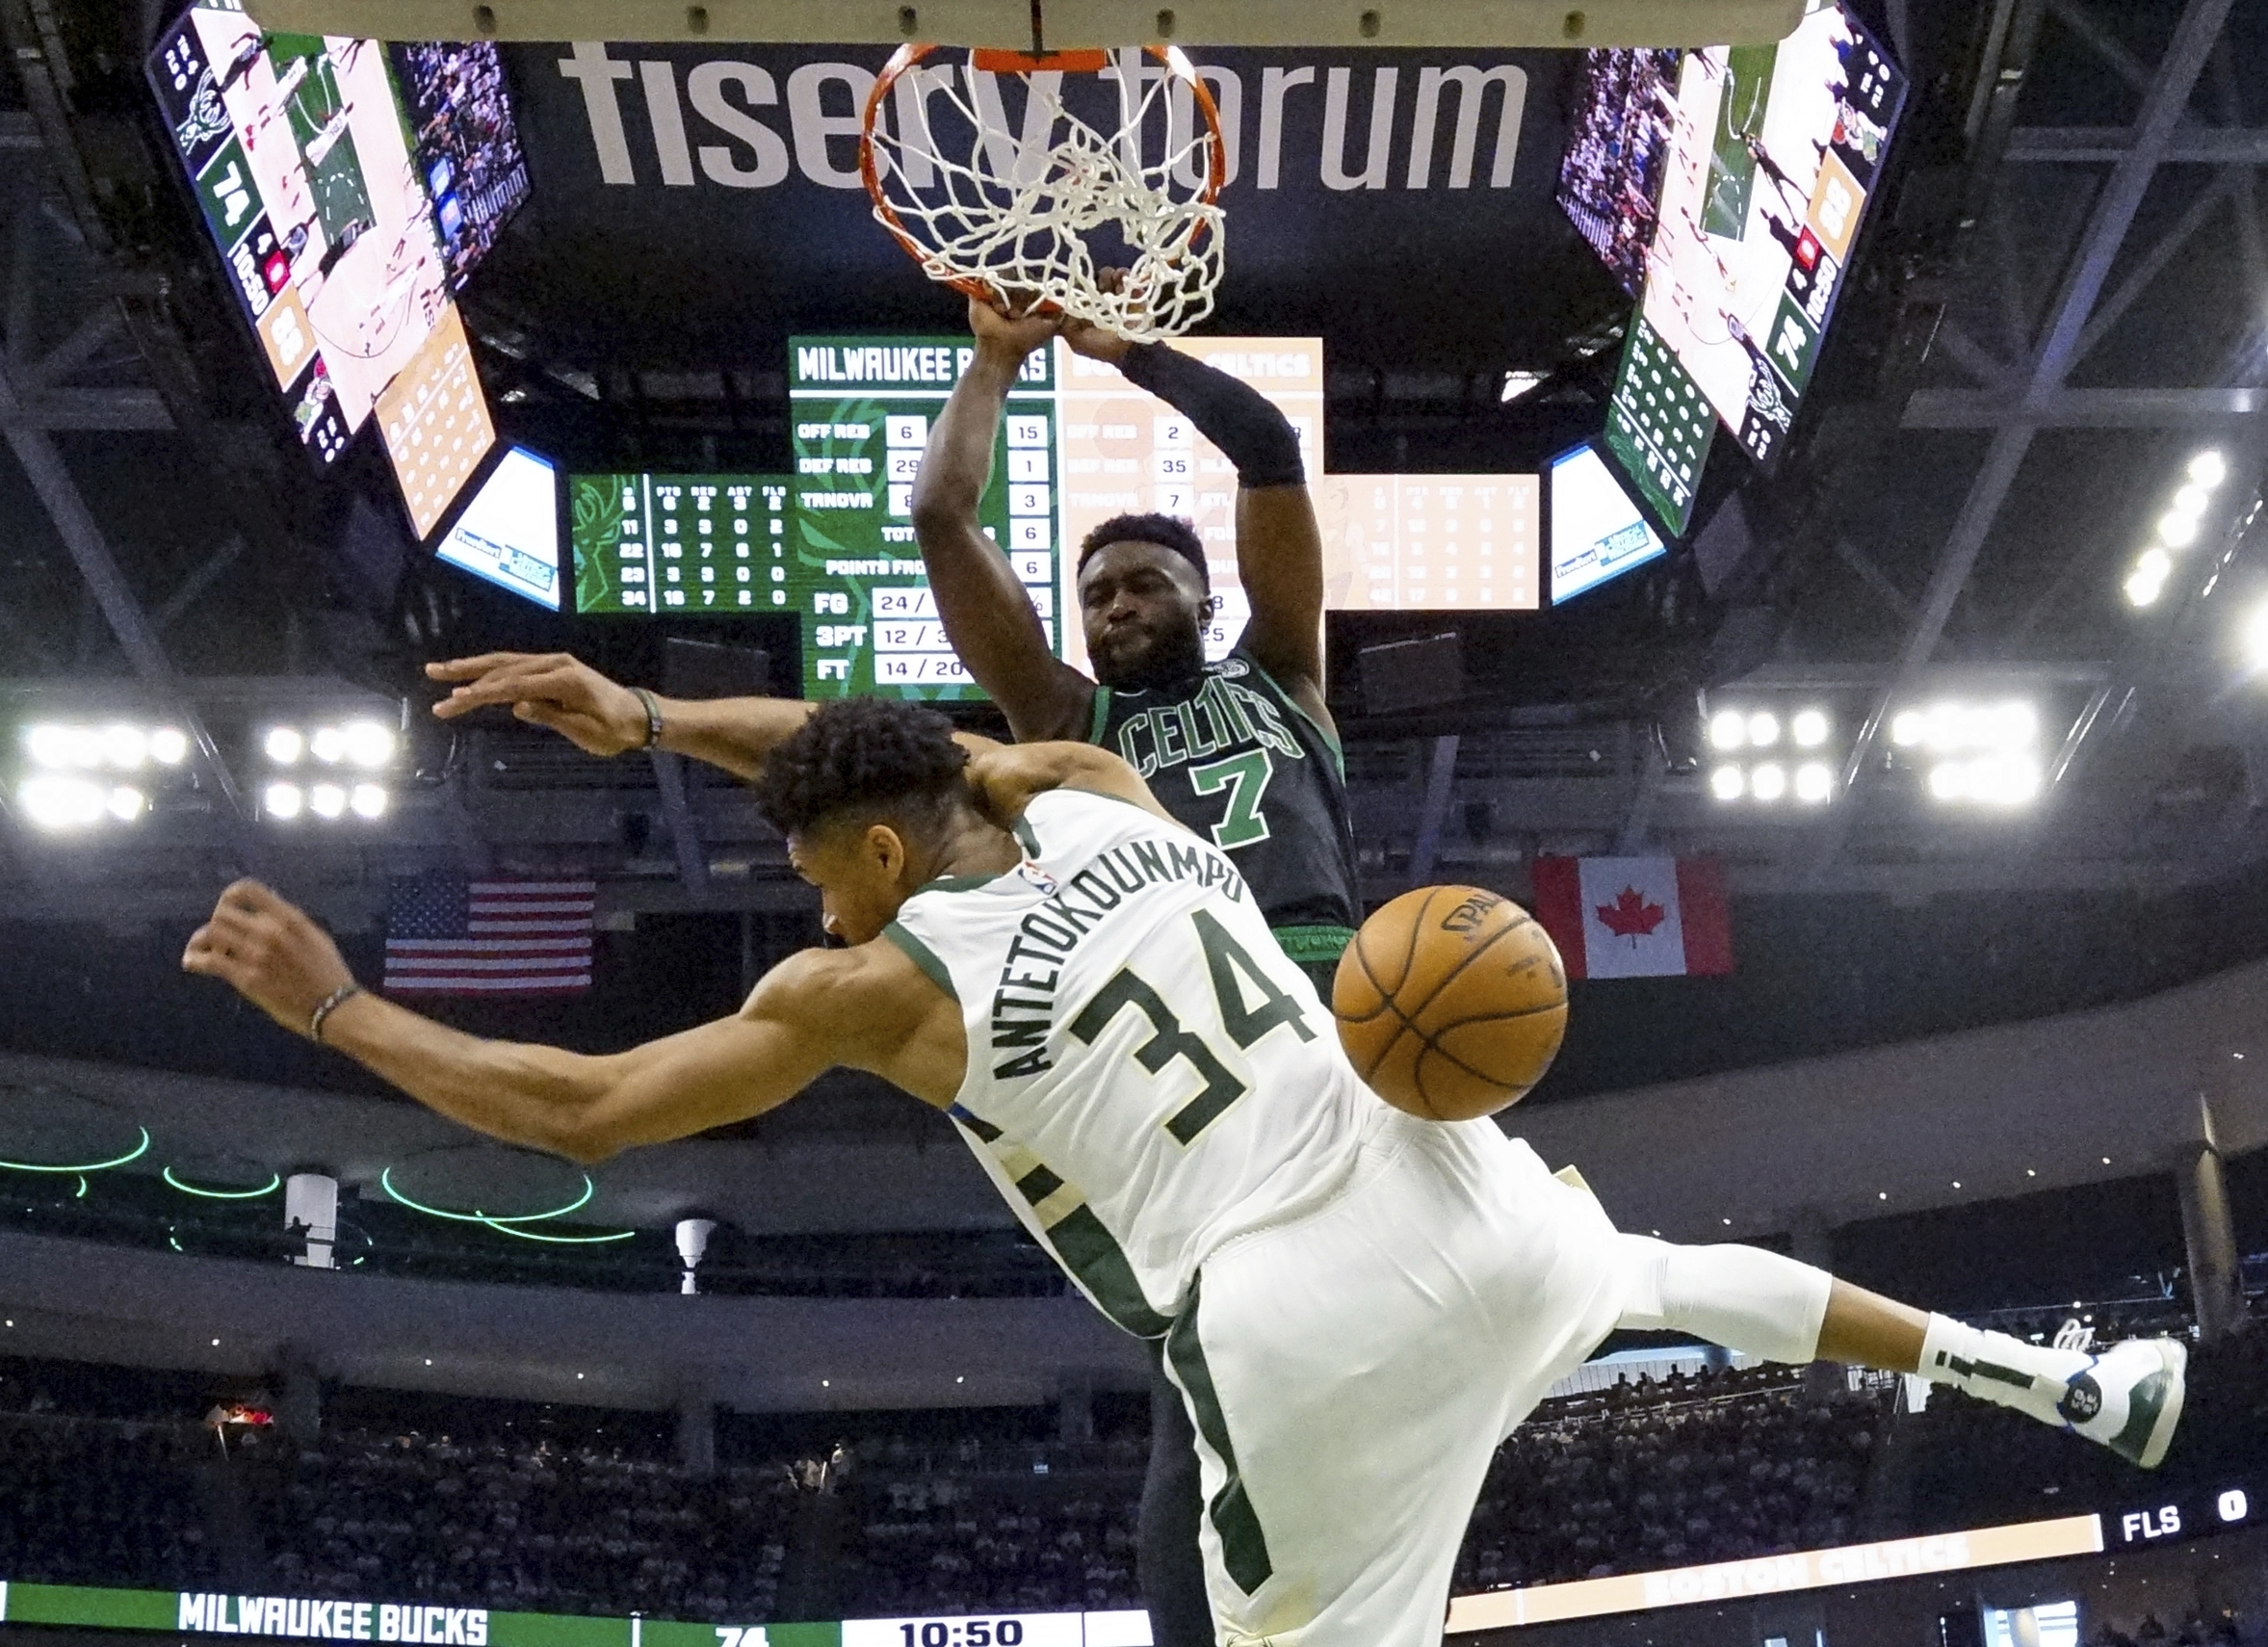 Boston Celtics Jaylen Brown Photo Of Dunk On Giannis